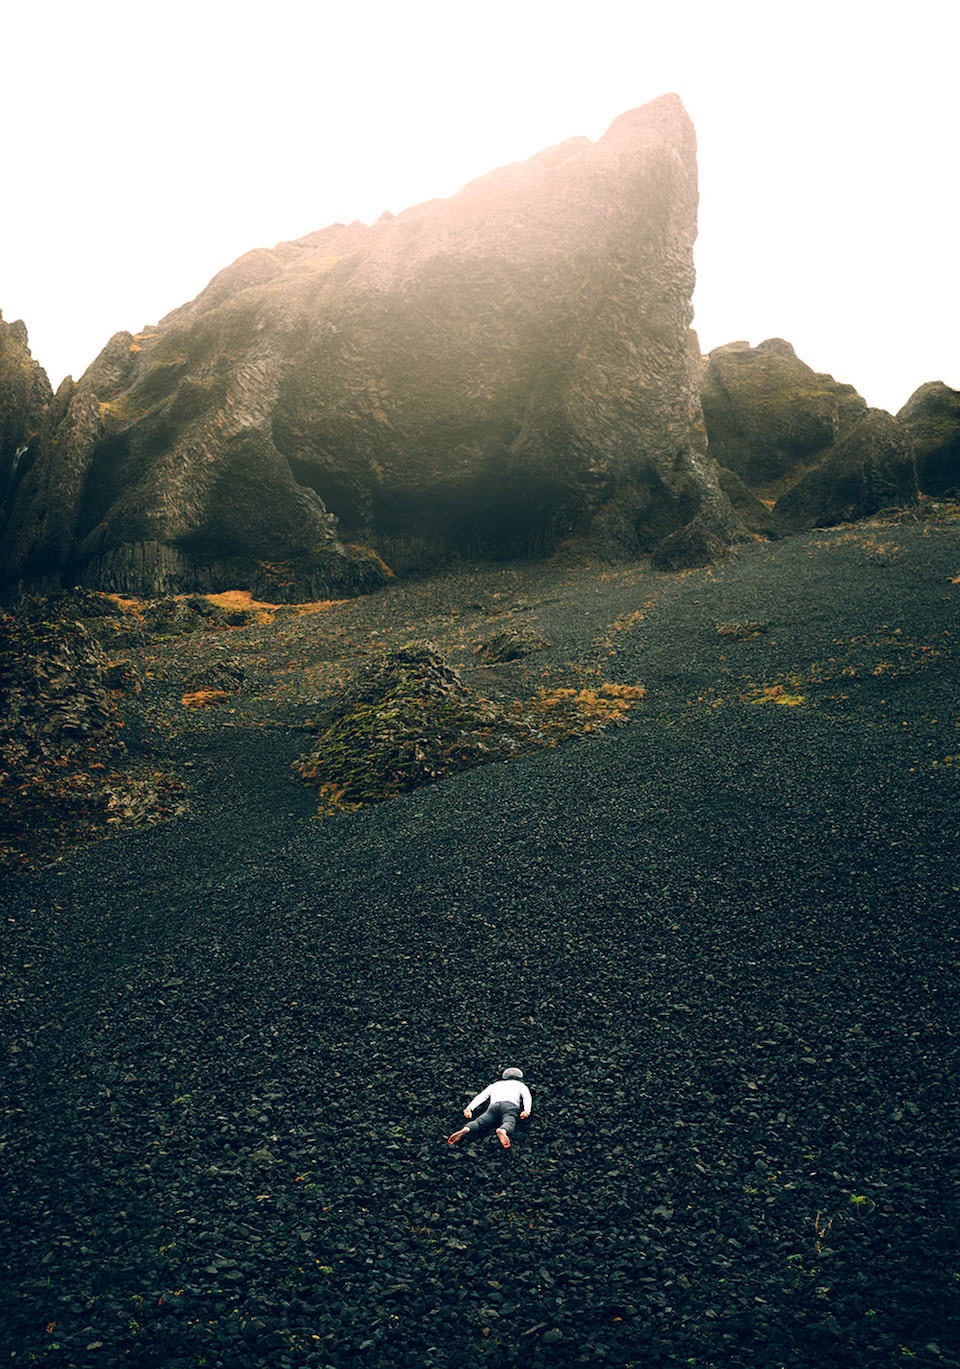 Ein Mensch liegt auf schwarzen Steinen vor einem Berg.